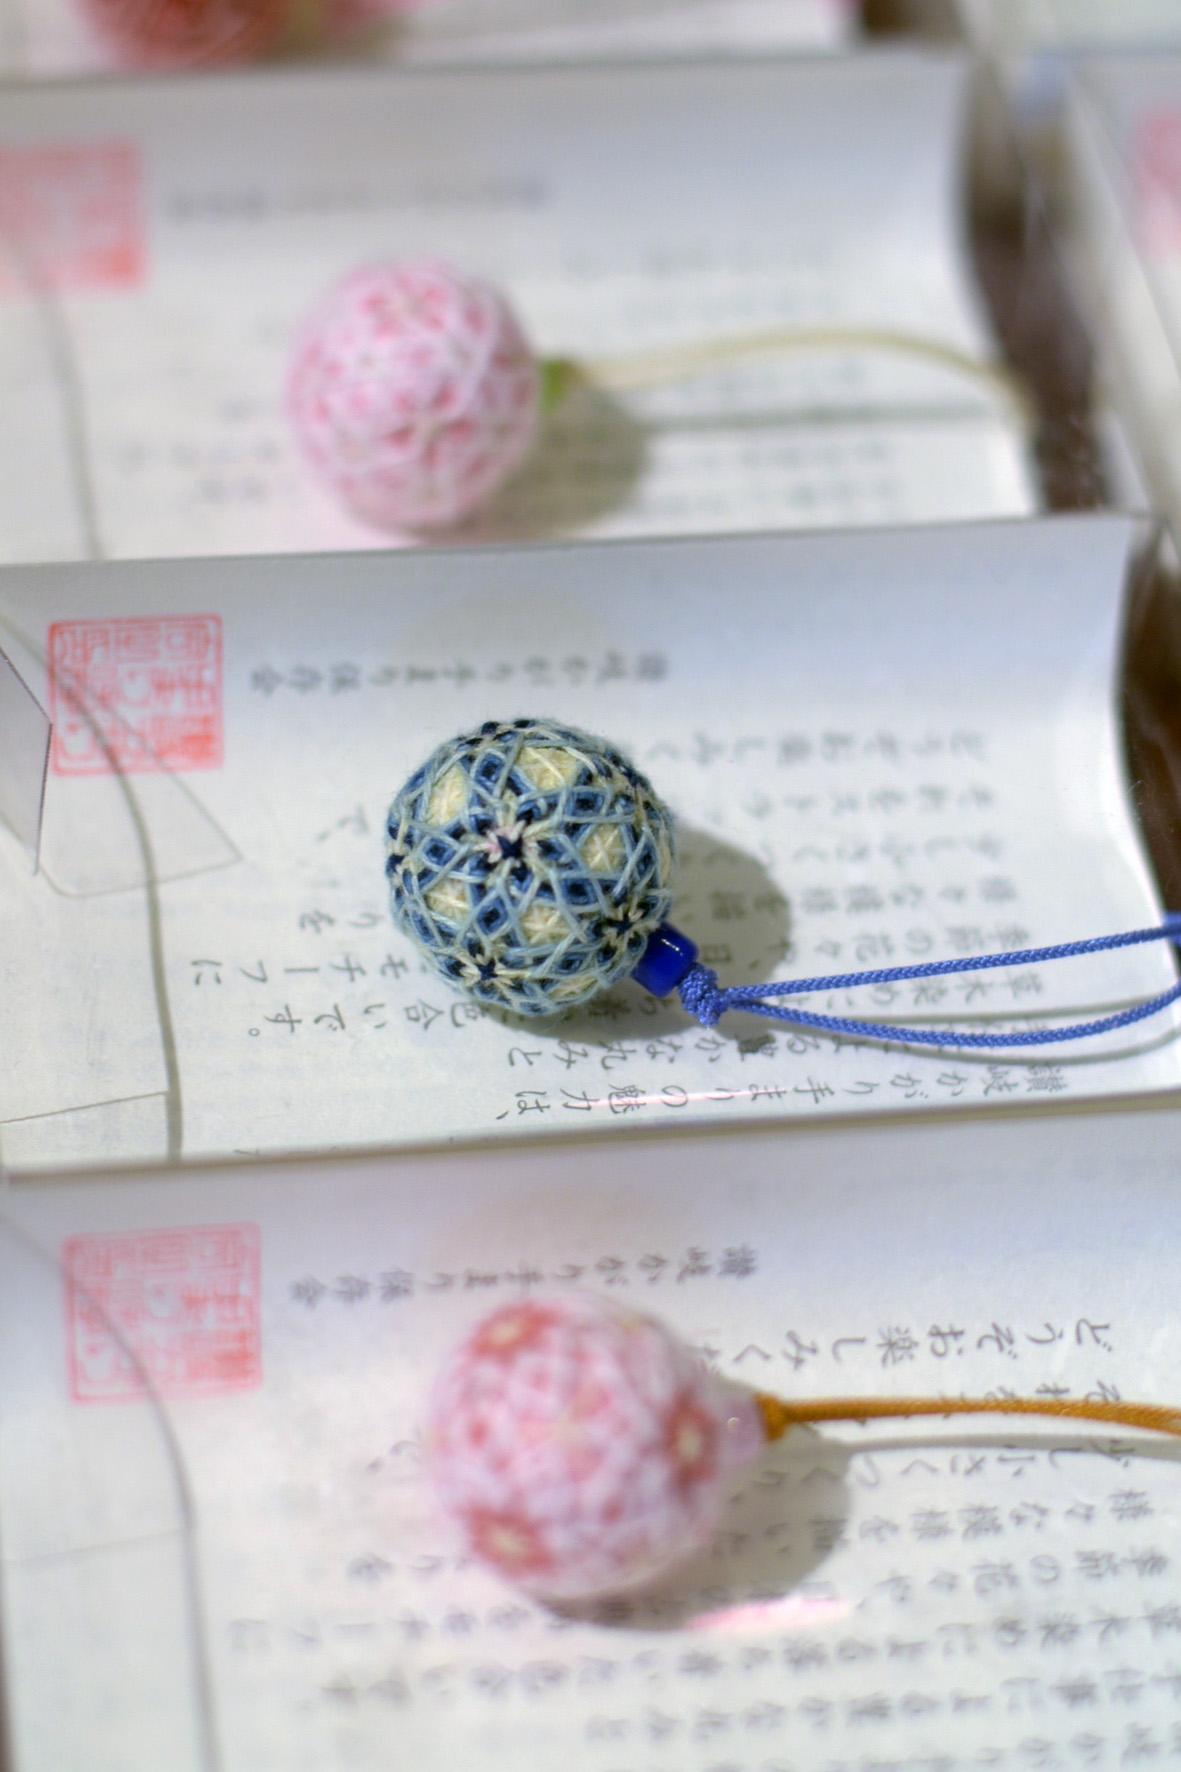 https://www.schule.jp/hibinokoto/DSC_9890.JPG